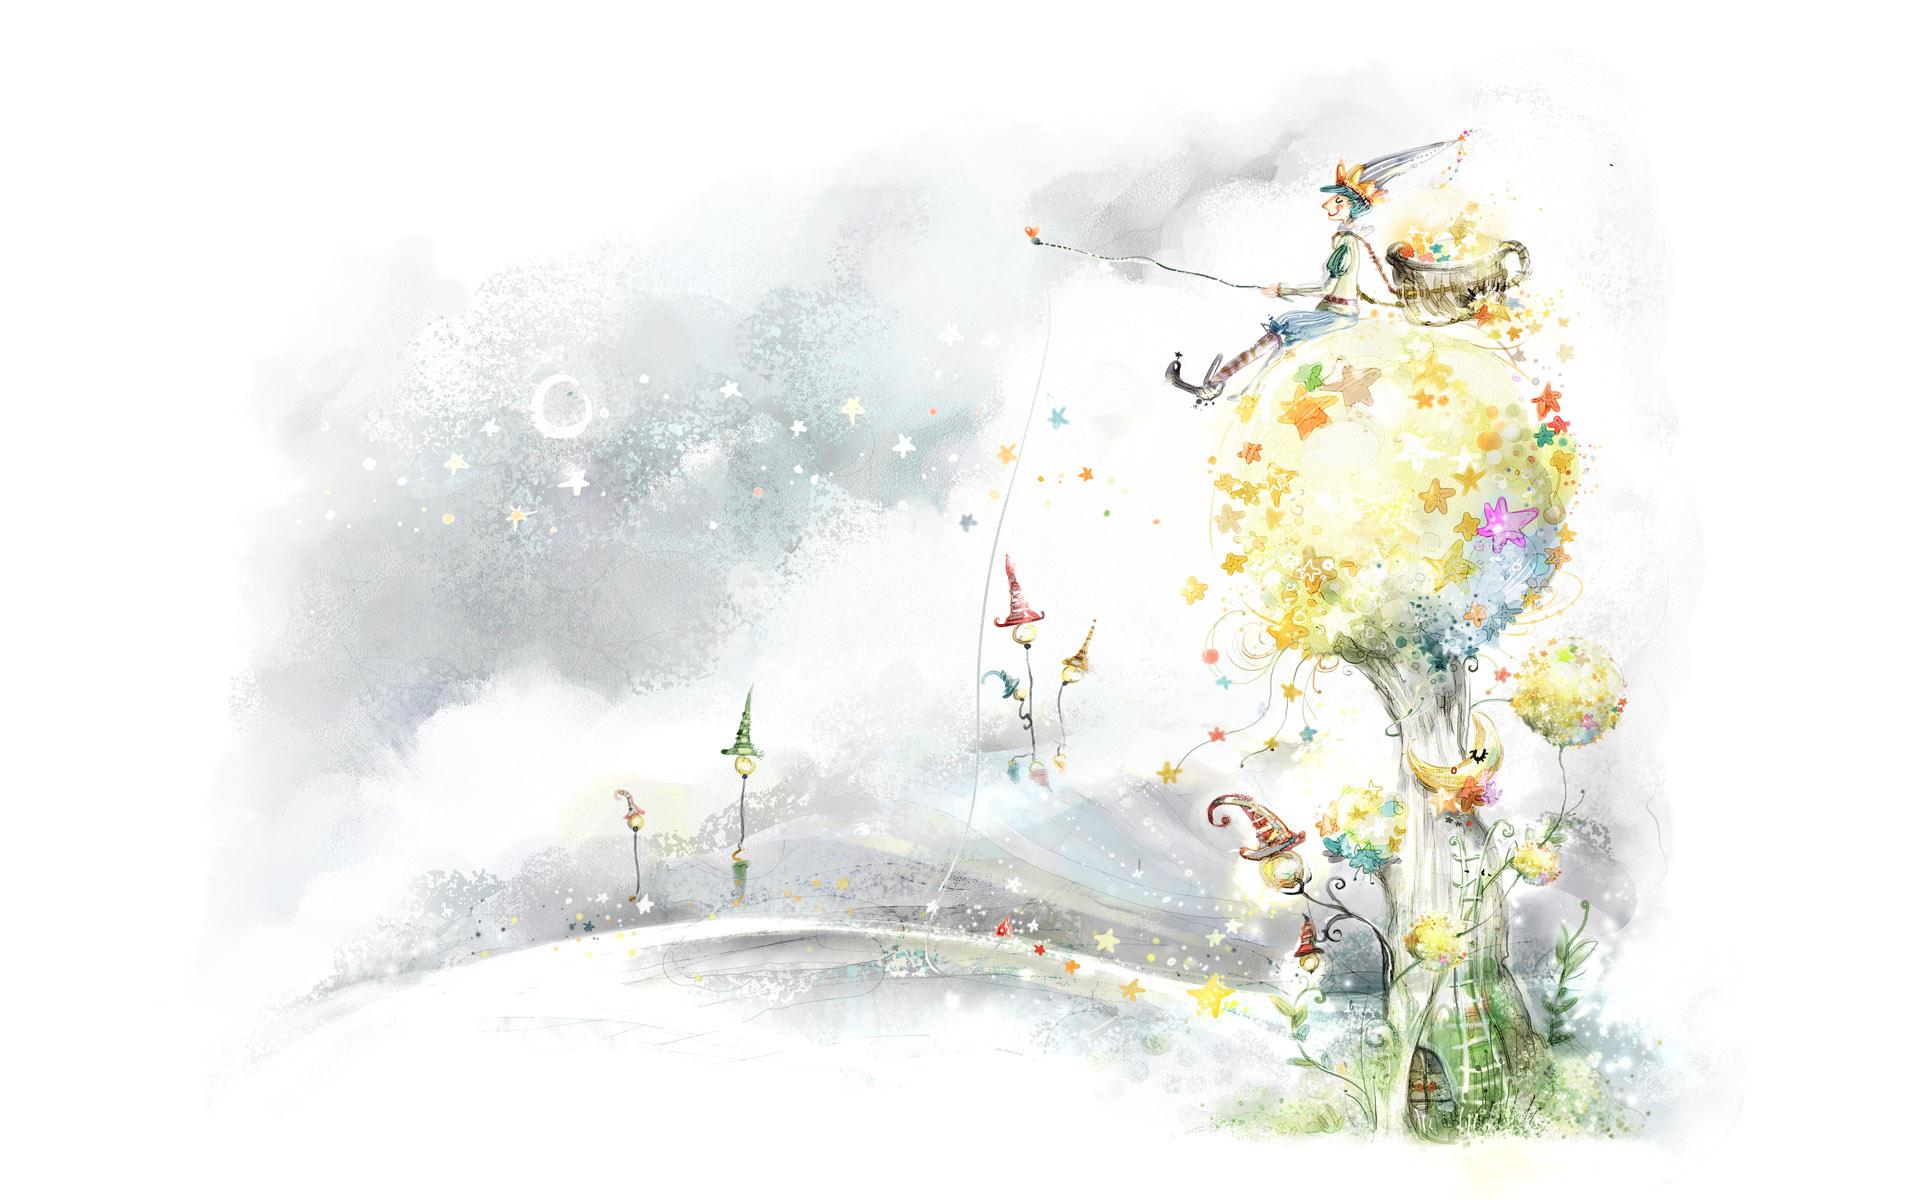 梦幻卡通风景-设计欣赏-素材中国-online.sccnn.com